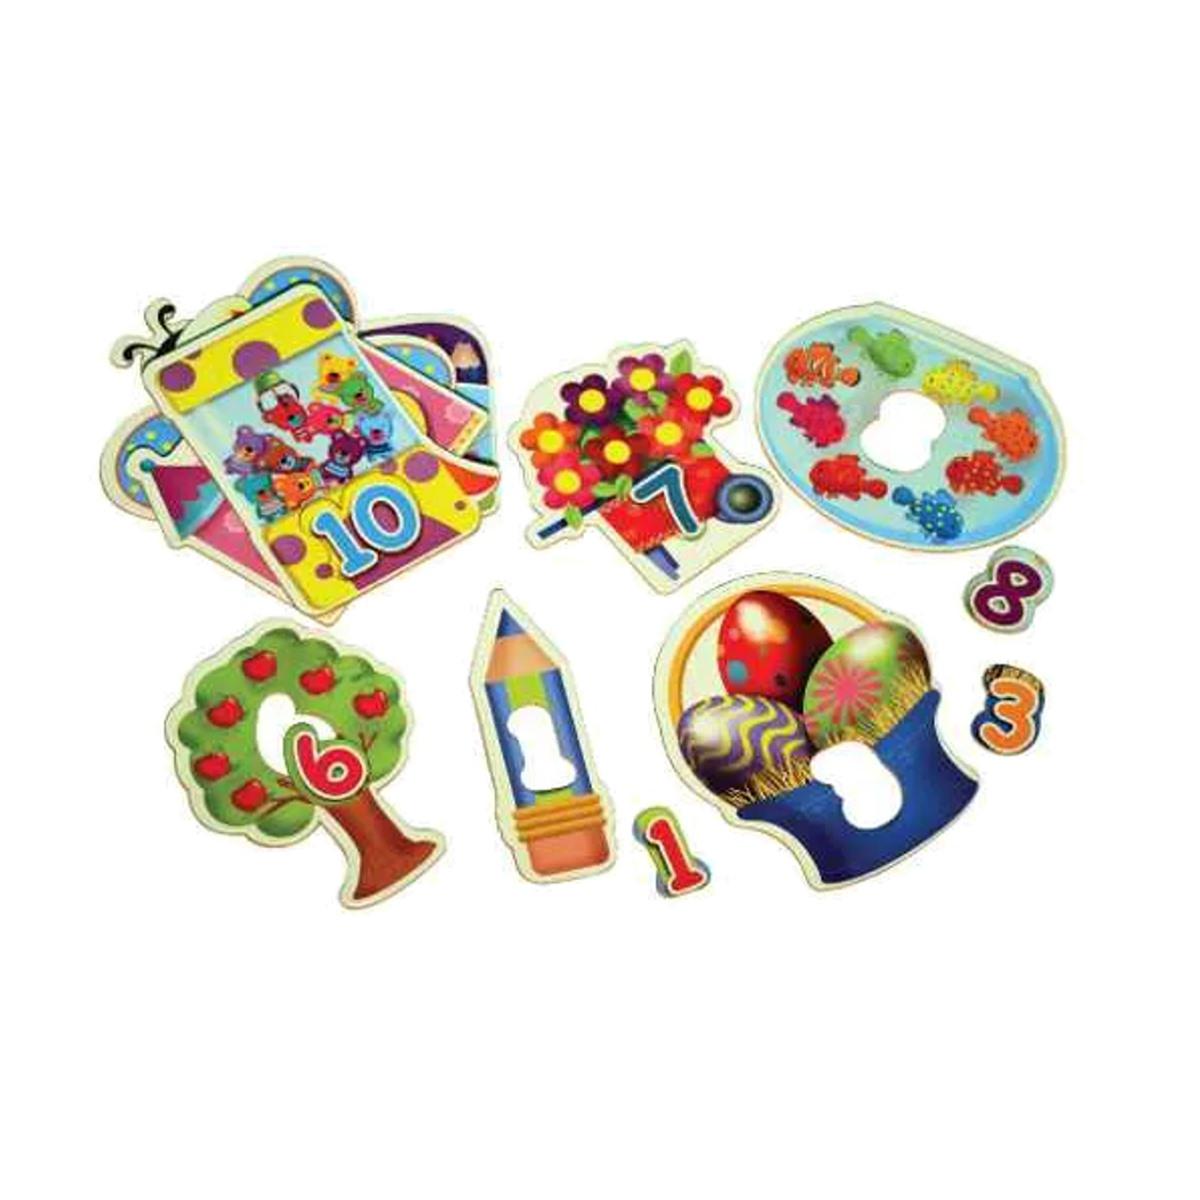 Brinquedos Educativos - Quebra Cabeça 1 Ao 10 20 Peças